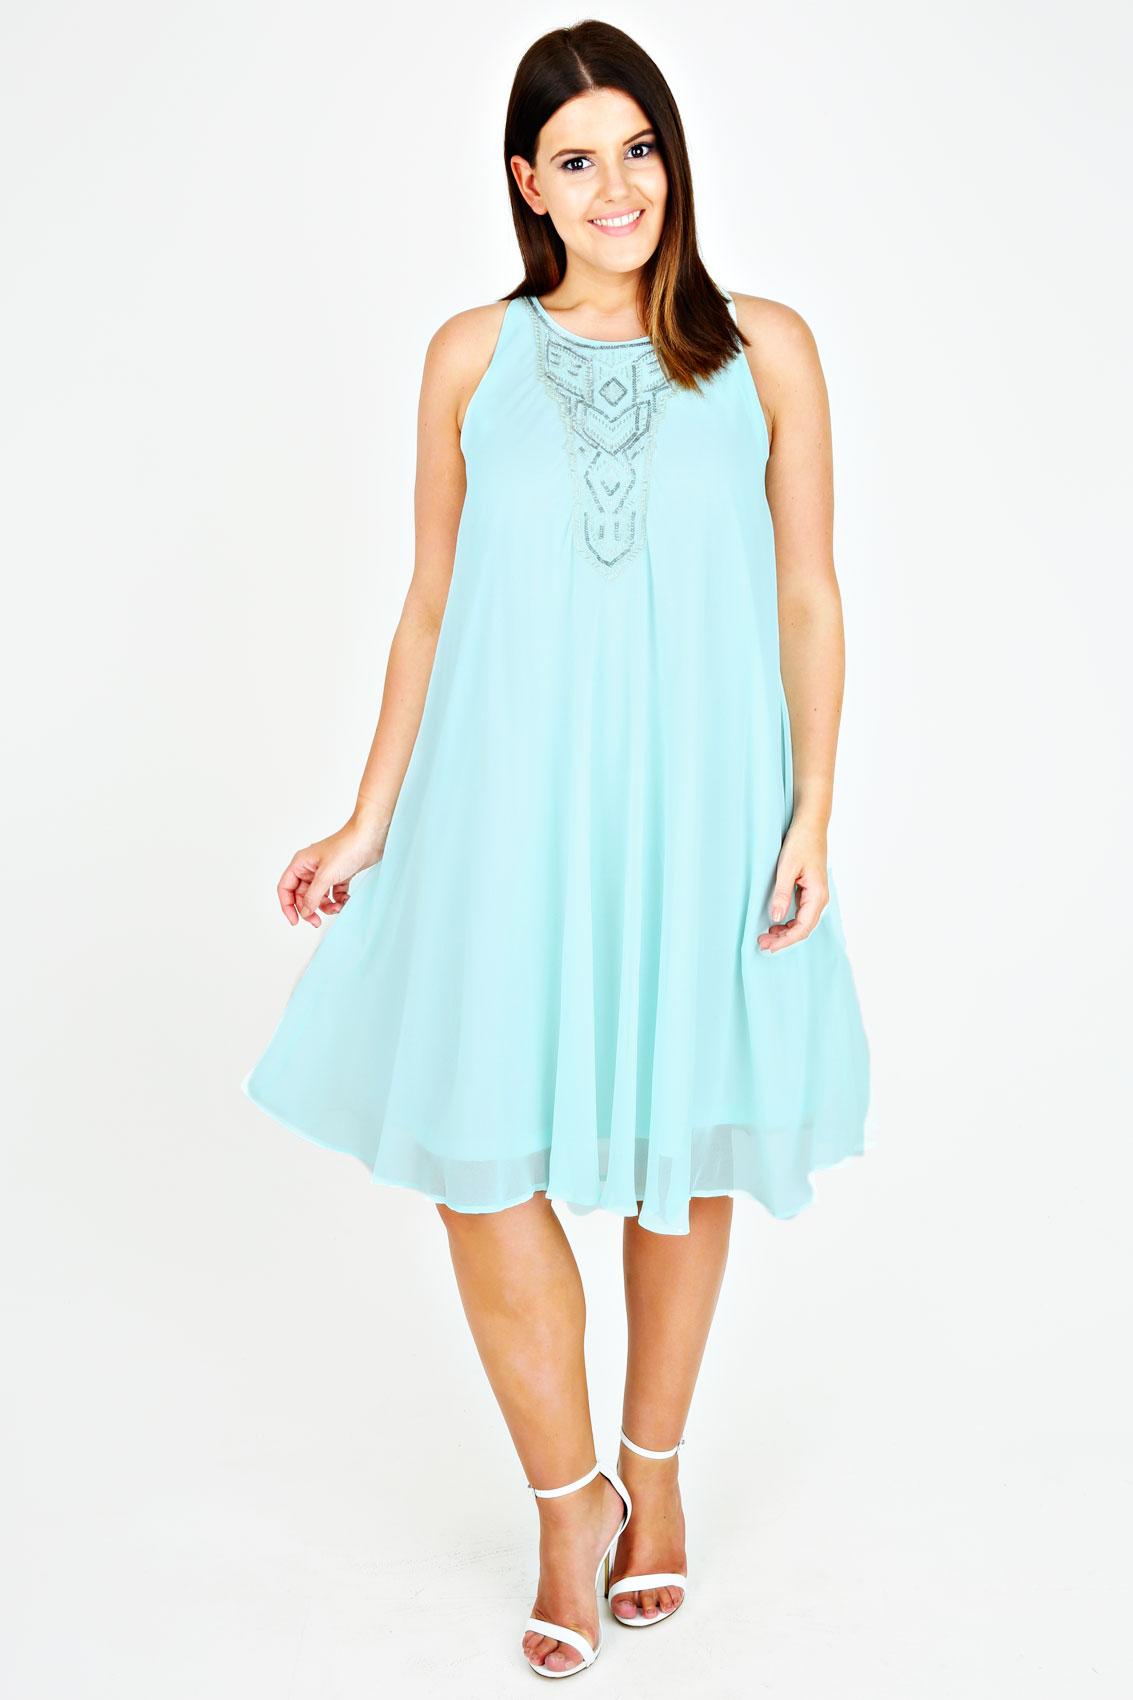 Mint Chiffon Sleeveless Swing Dress With Silver ...